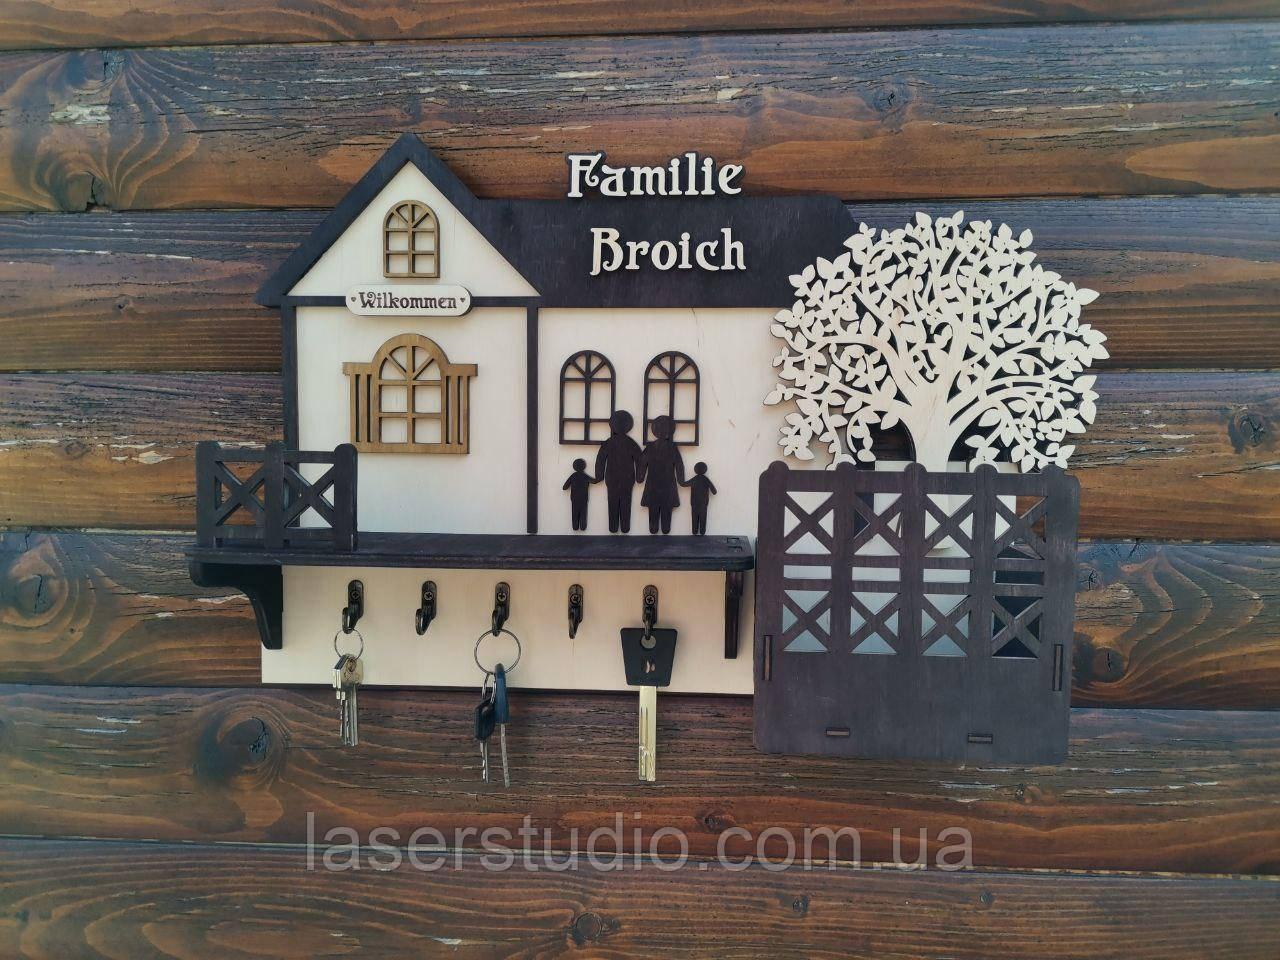 """Ключниця """"Великий будинок з деревом"""" Дерев'яна настінна ключниця Ключниця з дерева з полицею 44*30см"""